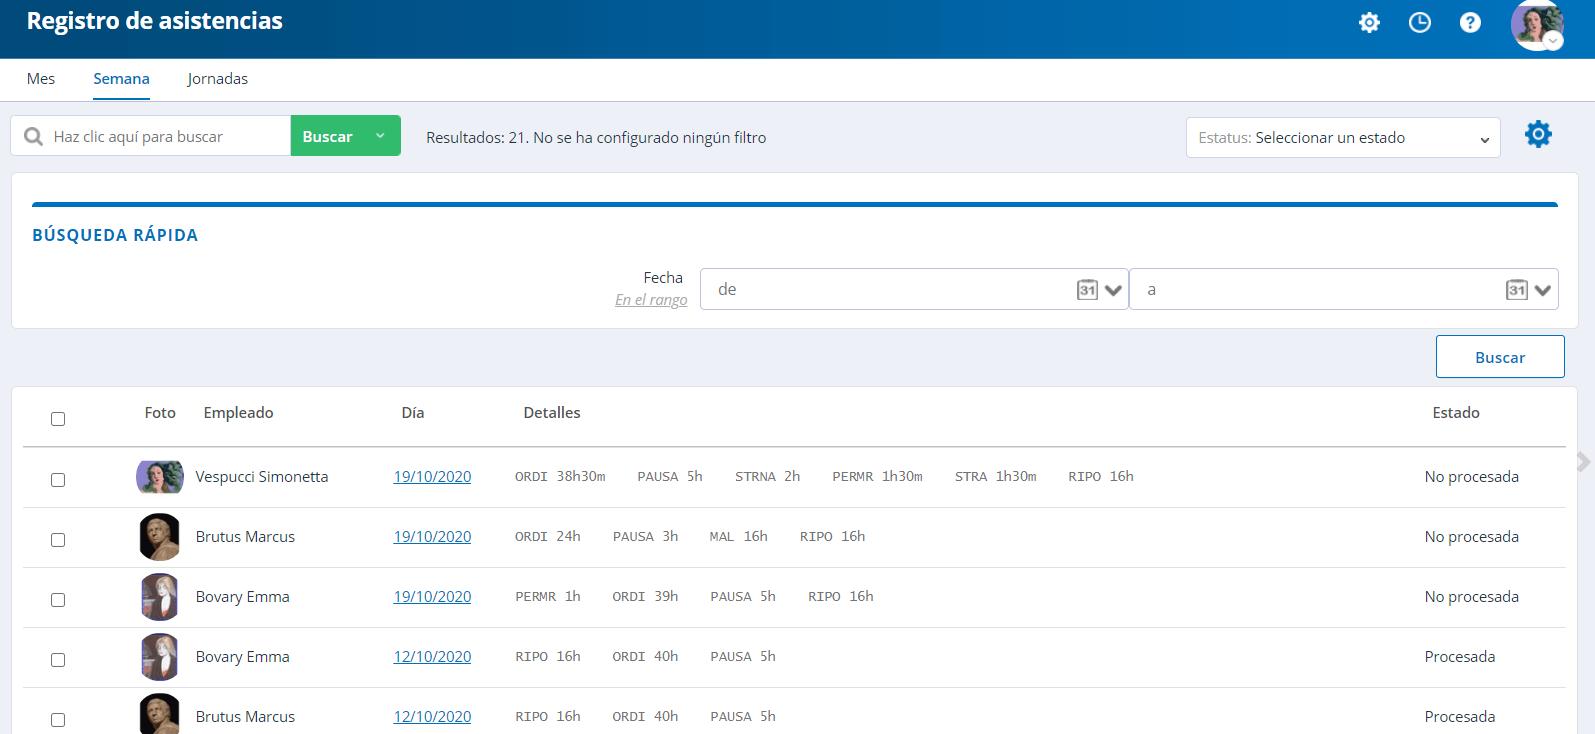 Ficha de asistencias - semana